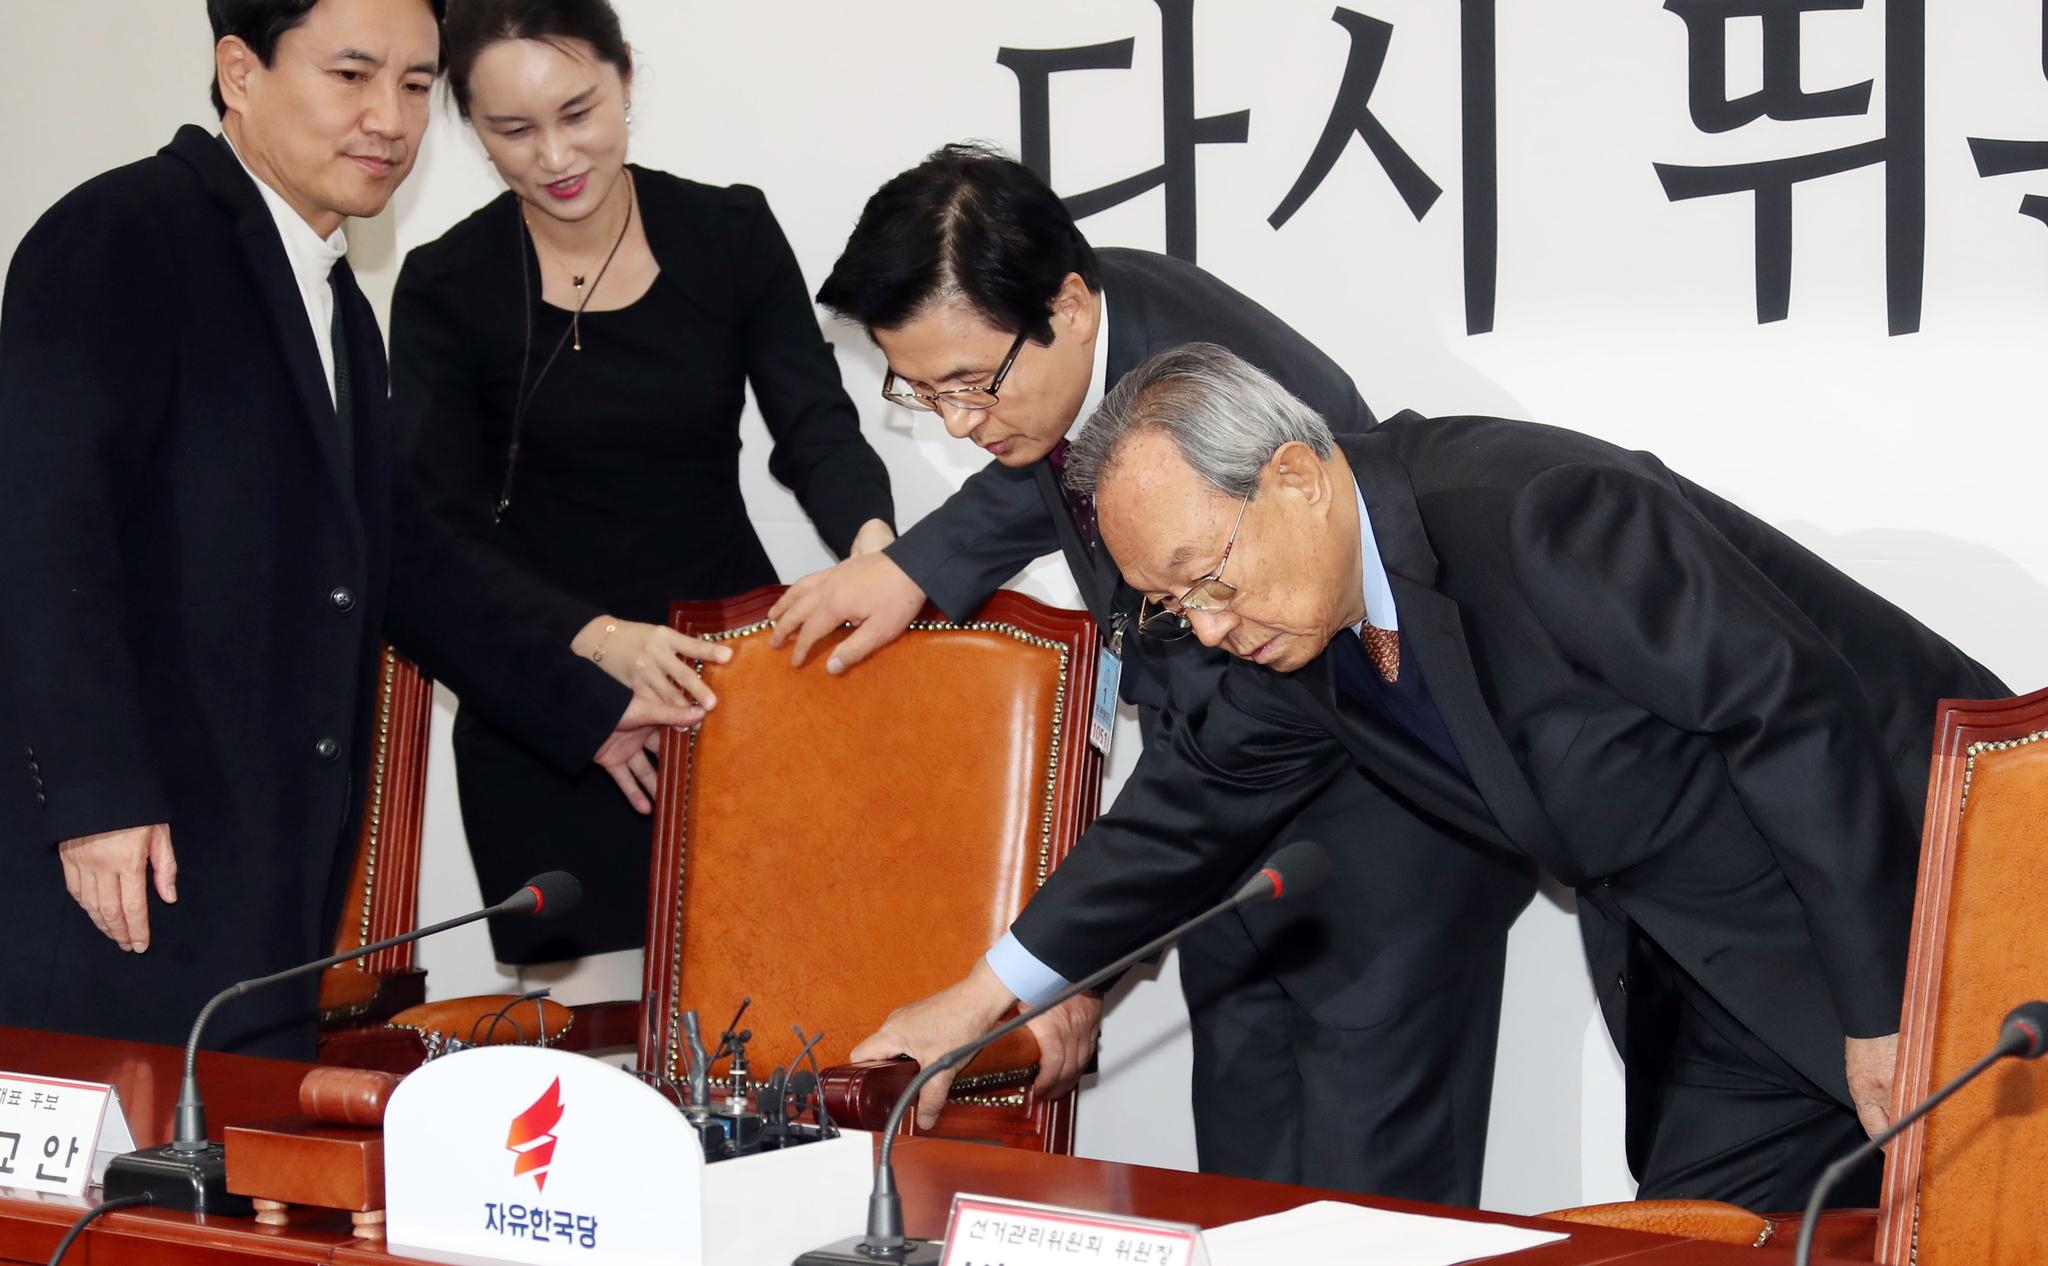 자유한국당 선관위 회의가 13일 오전 국회에서 열렸다. 박관용 선관위원장(오른쪽), 황교안(오른쪽 둘째), 김진태 후보(왼쪽)가 자리를 정돈하고 있다. 변선구 기자